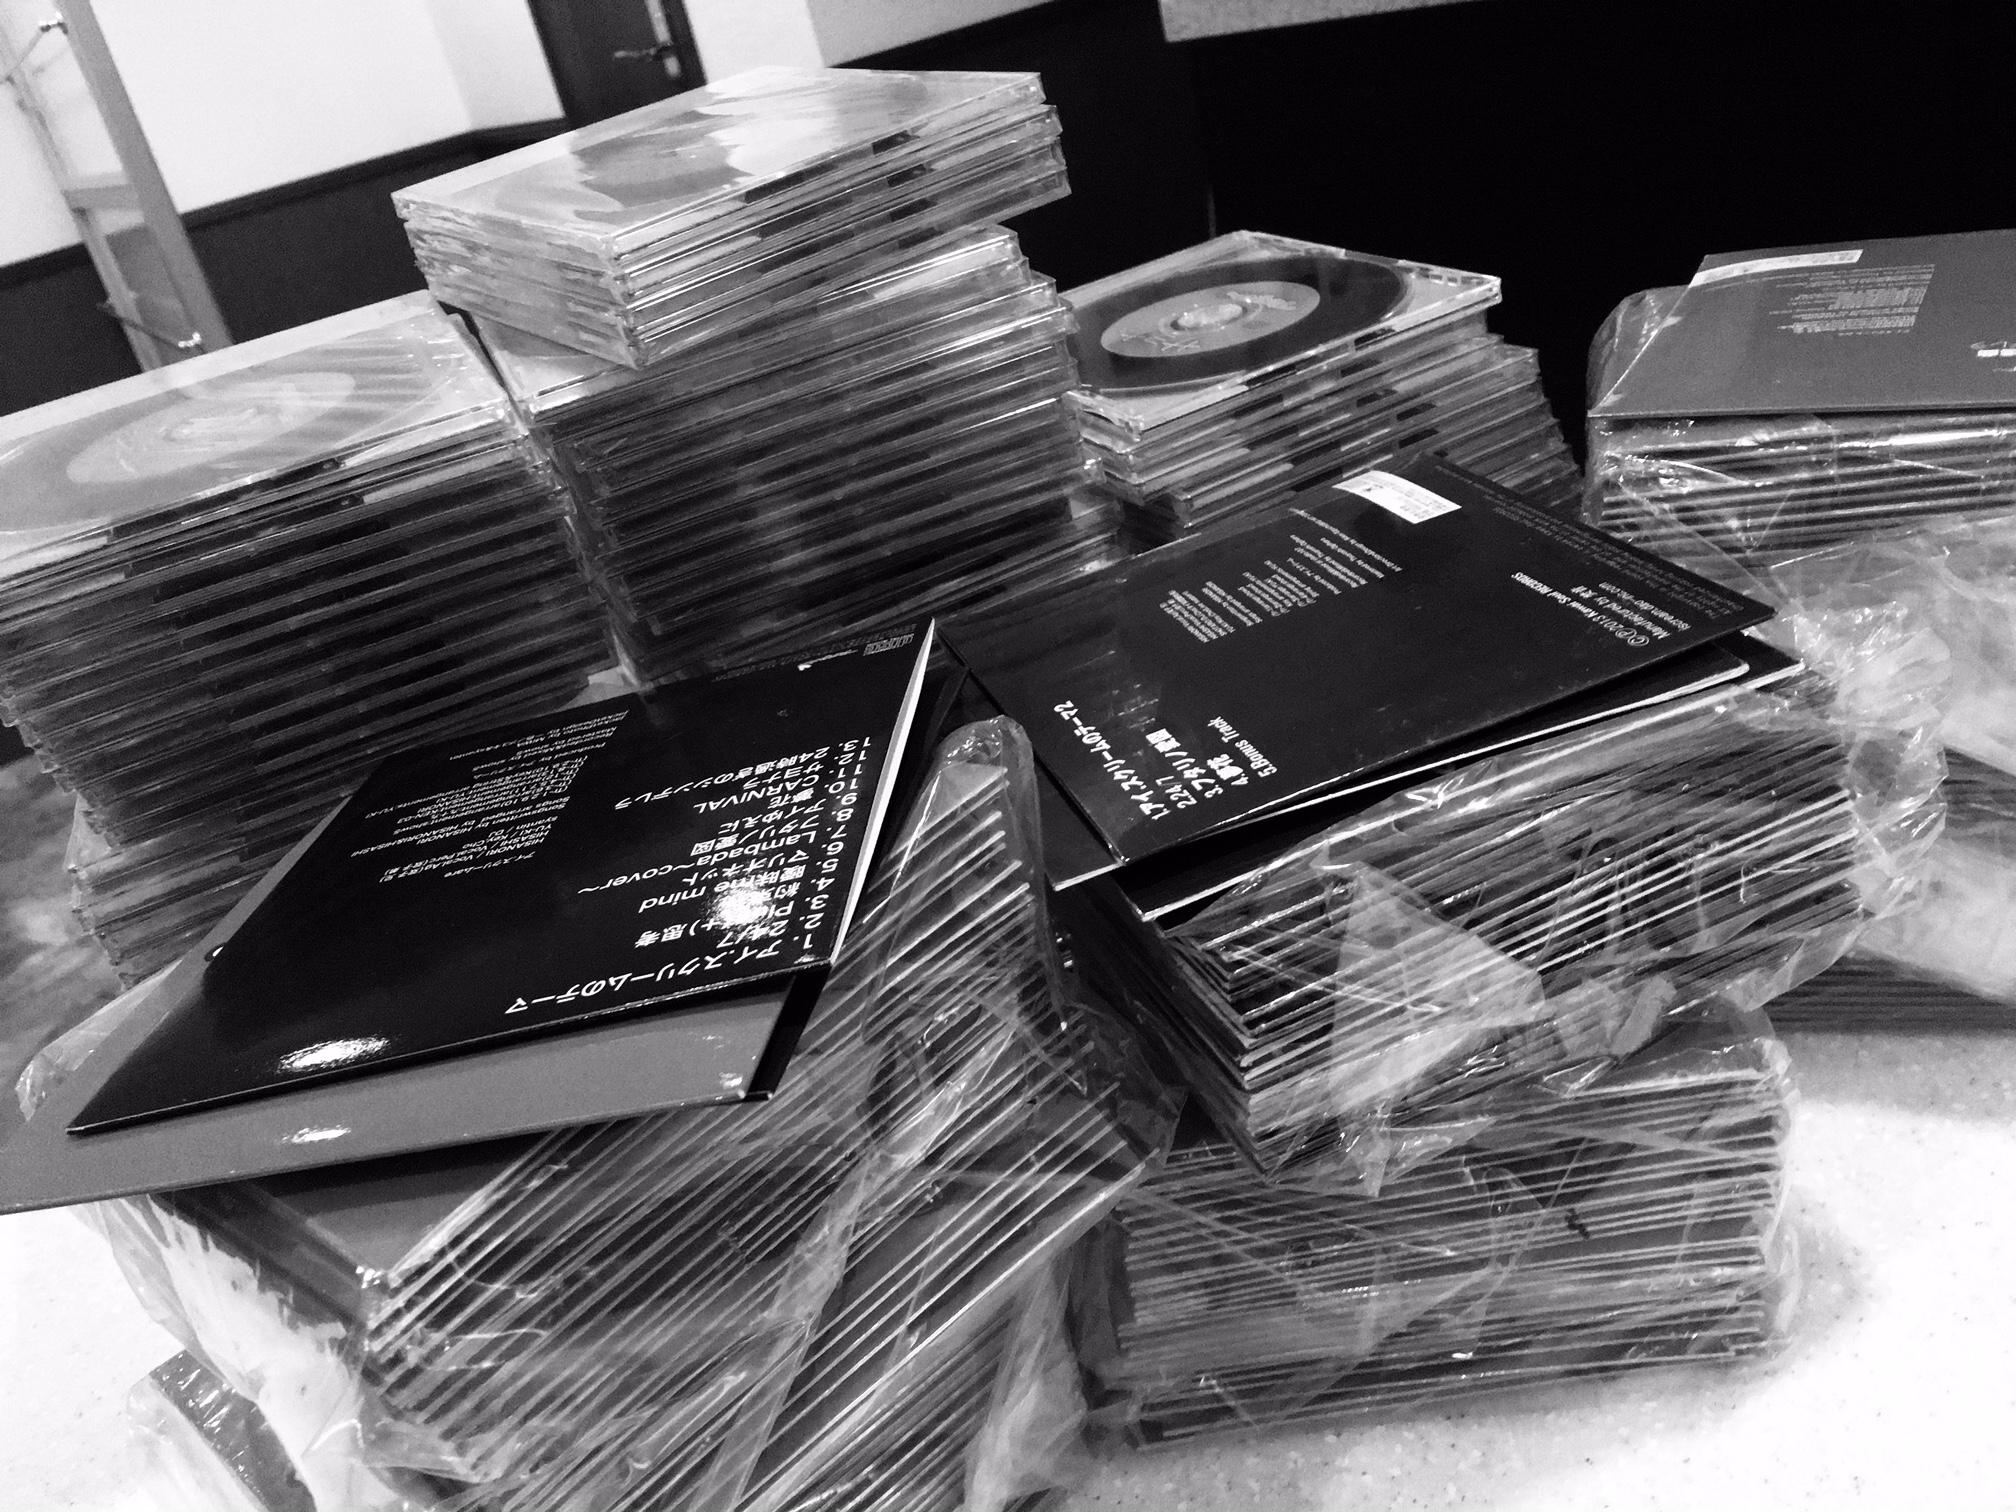 無茶企画!ゼロから始めるCDを1万枚売る方法のプロローグ的な